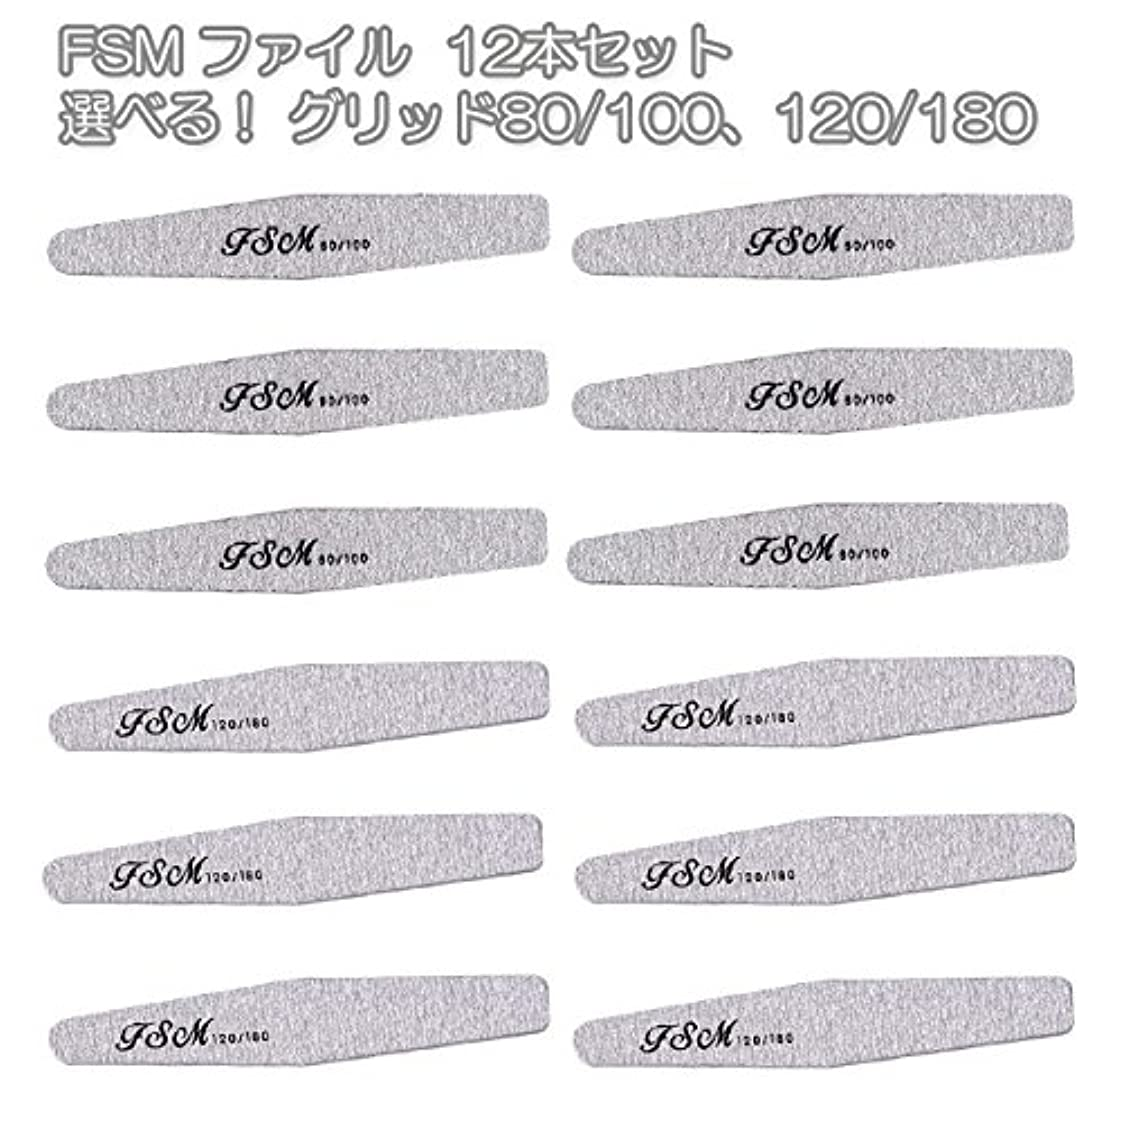 簡潔なハック白鳥FSM ネイルファイル/バッファー12本セット(選べる!グリッド80/100、120/180) (G80/100の12本)